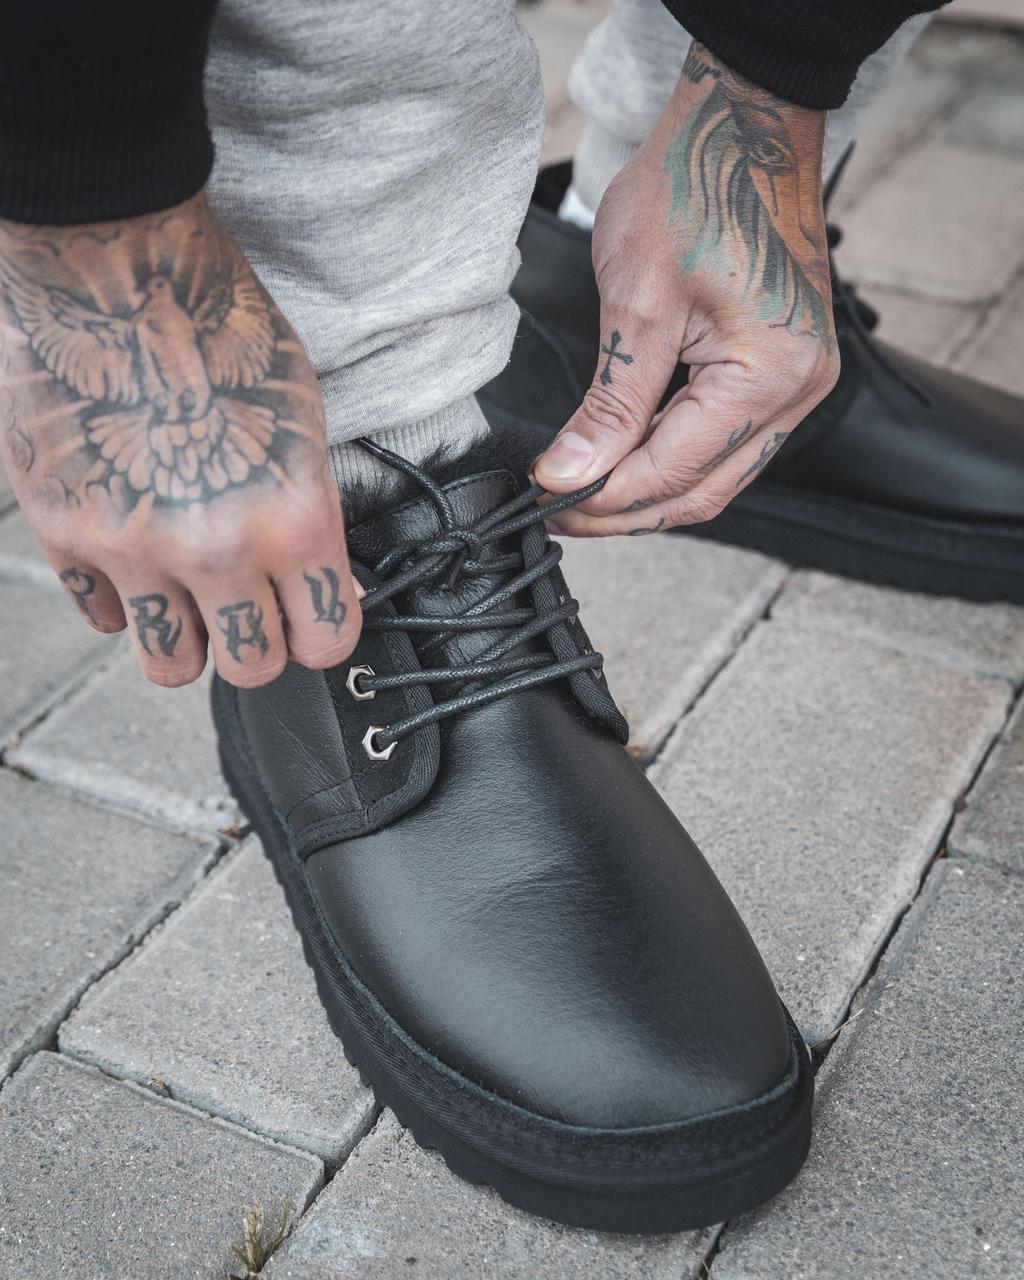 Мужские Ugg Натуральная Кожа Угги/Овчина, Черные, Водоотталкивающая пропитка, Мужские зимние ботинки